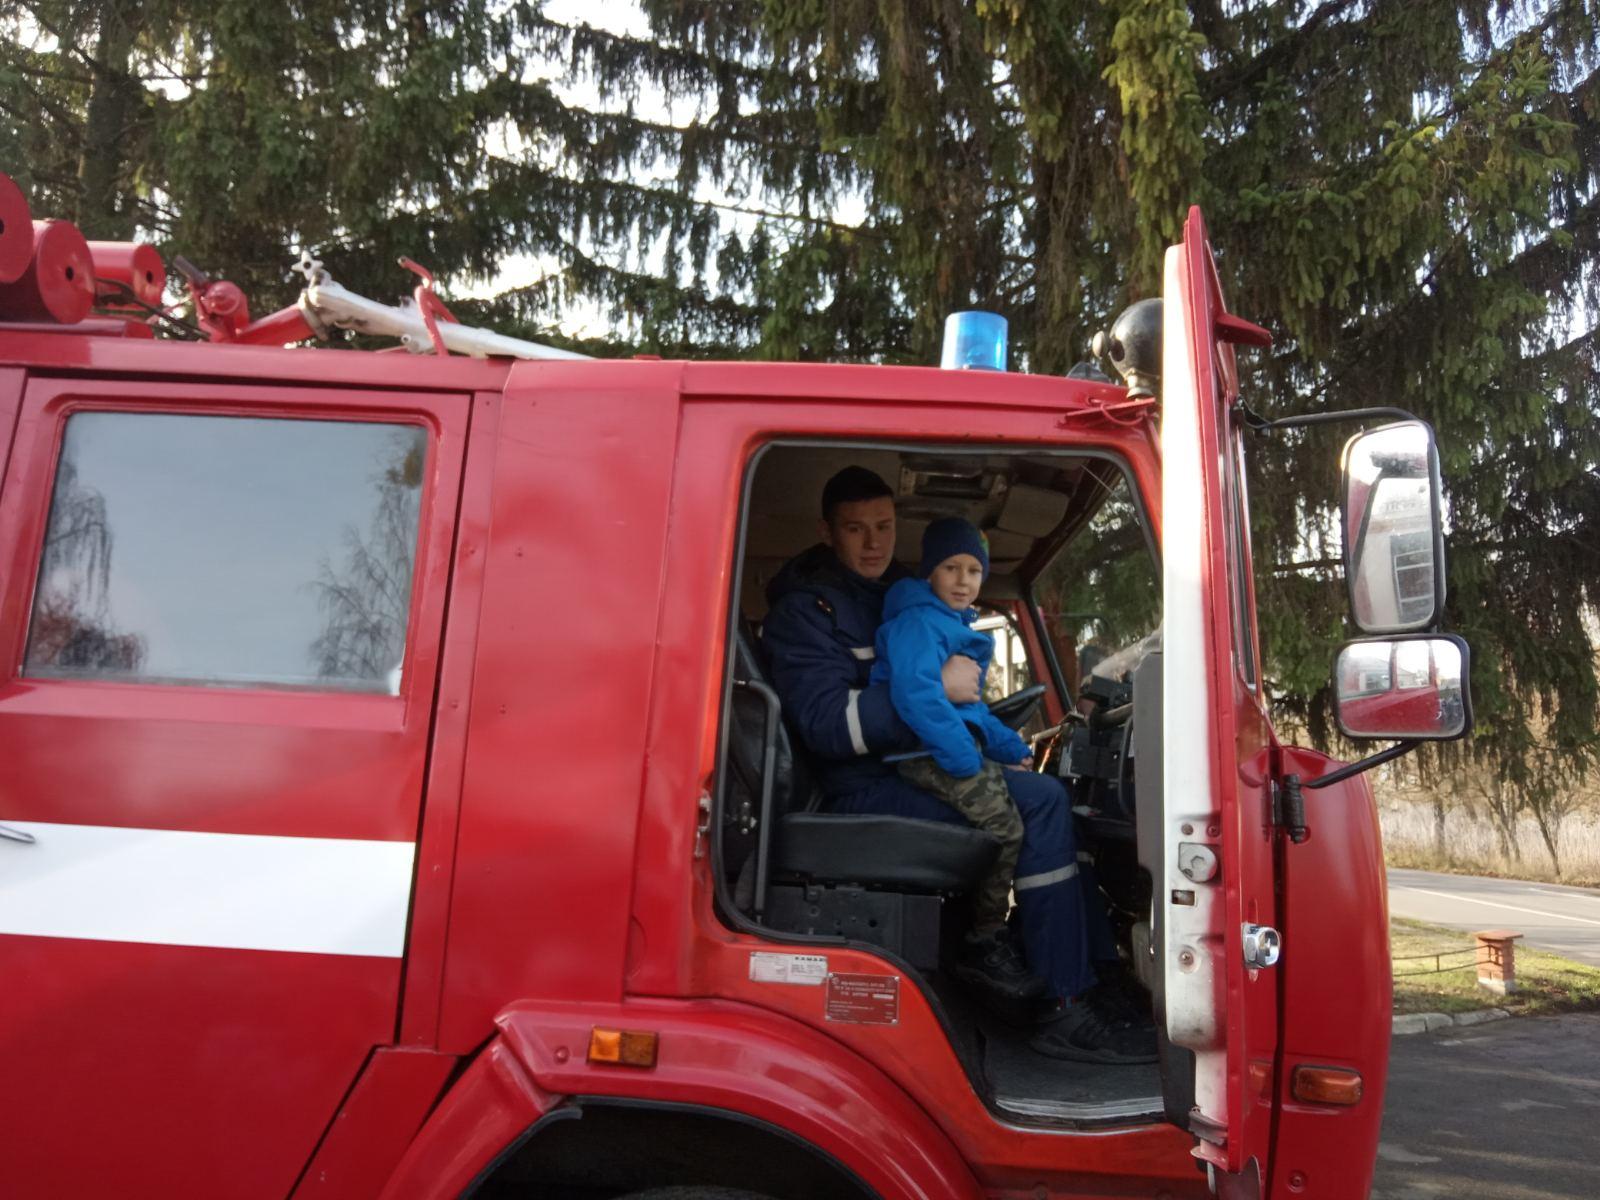 До Димерських рятувальників завітали дошкільнята - рятувальники, київщина, Вишгородський район, Безпека життєдіяльності - 1114 Pozh1